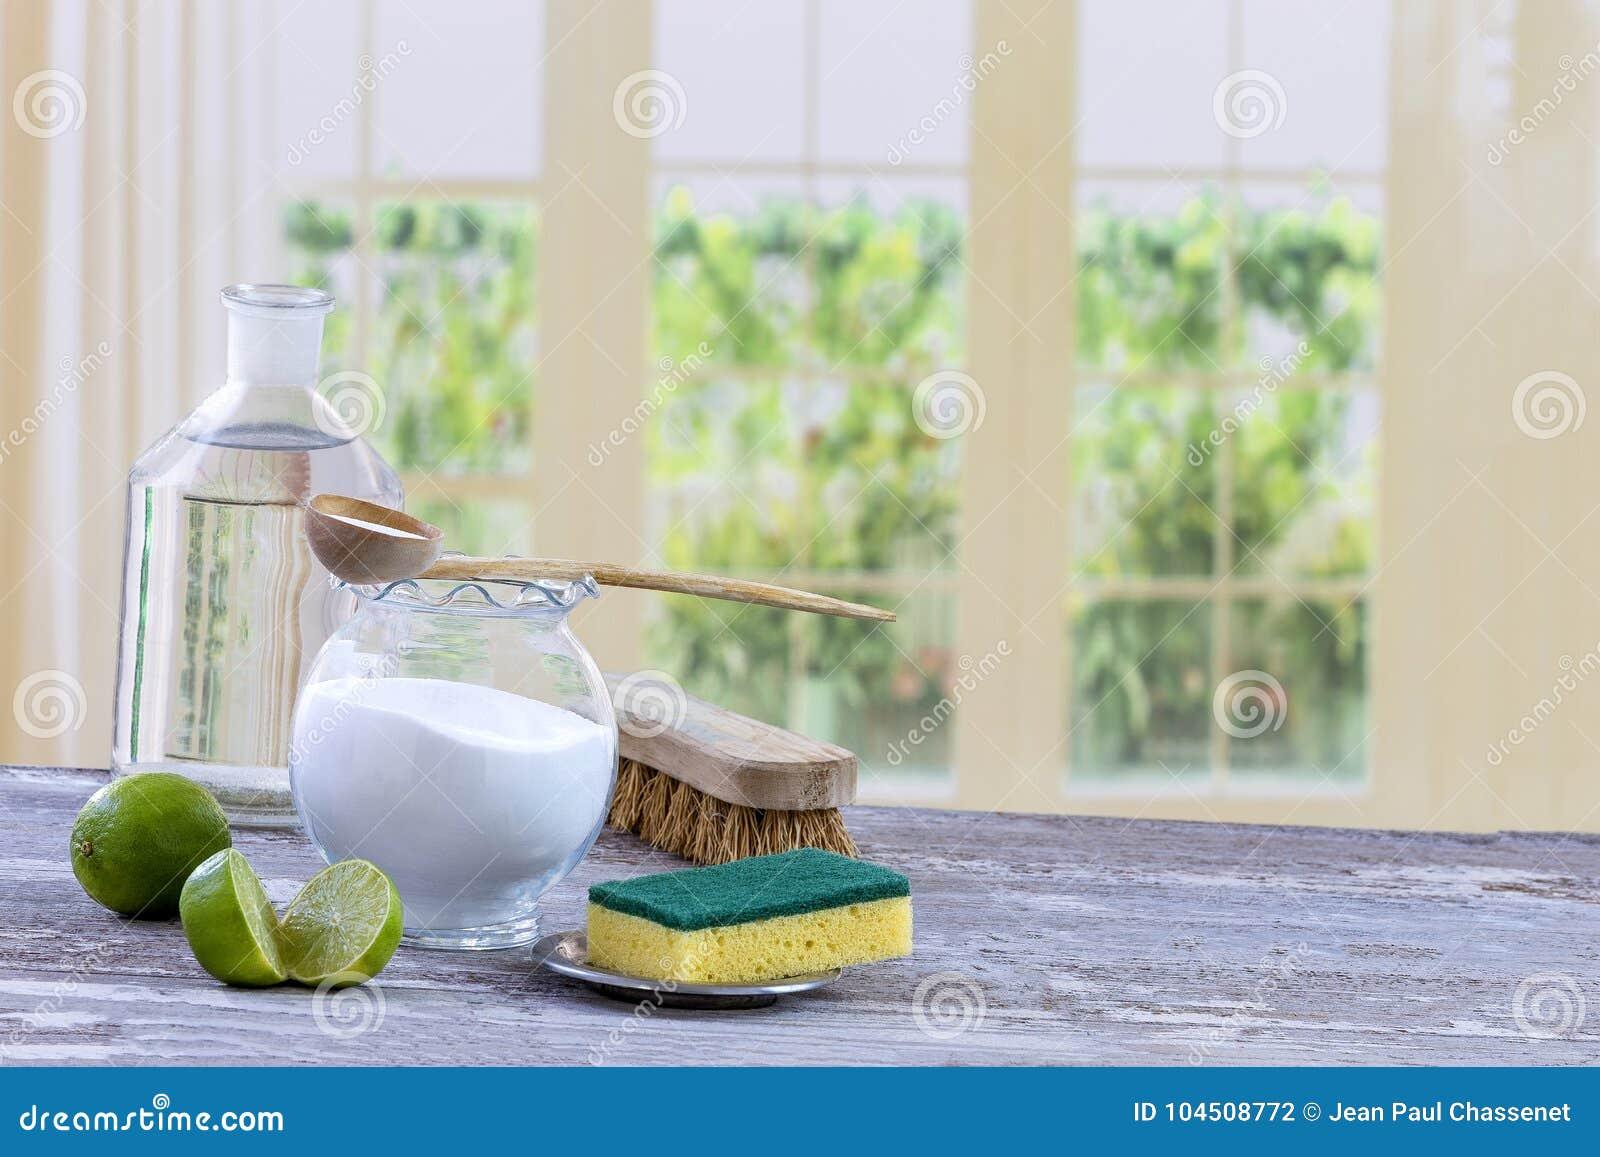 Umweltfreundliche natürliche Reiniger Backnatron, Zitrone und Stoff auf Holztischküchenhintergrund,